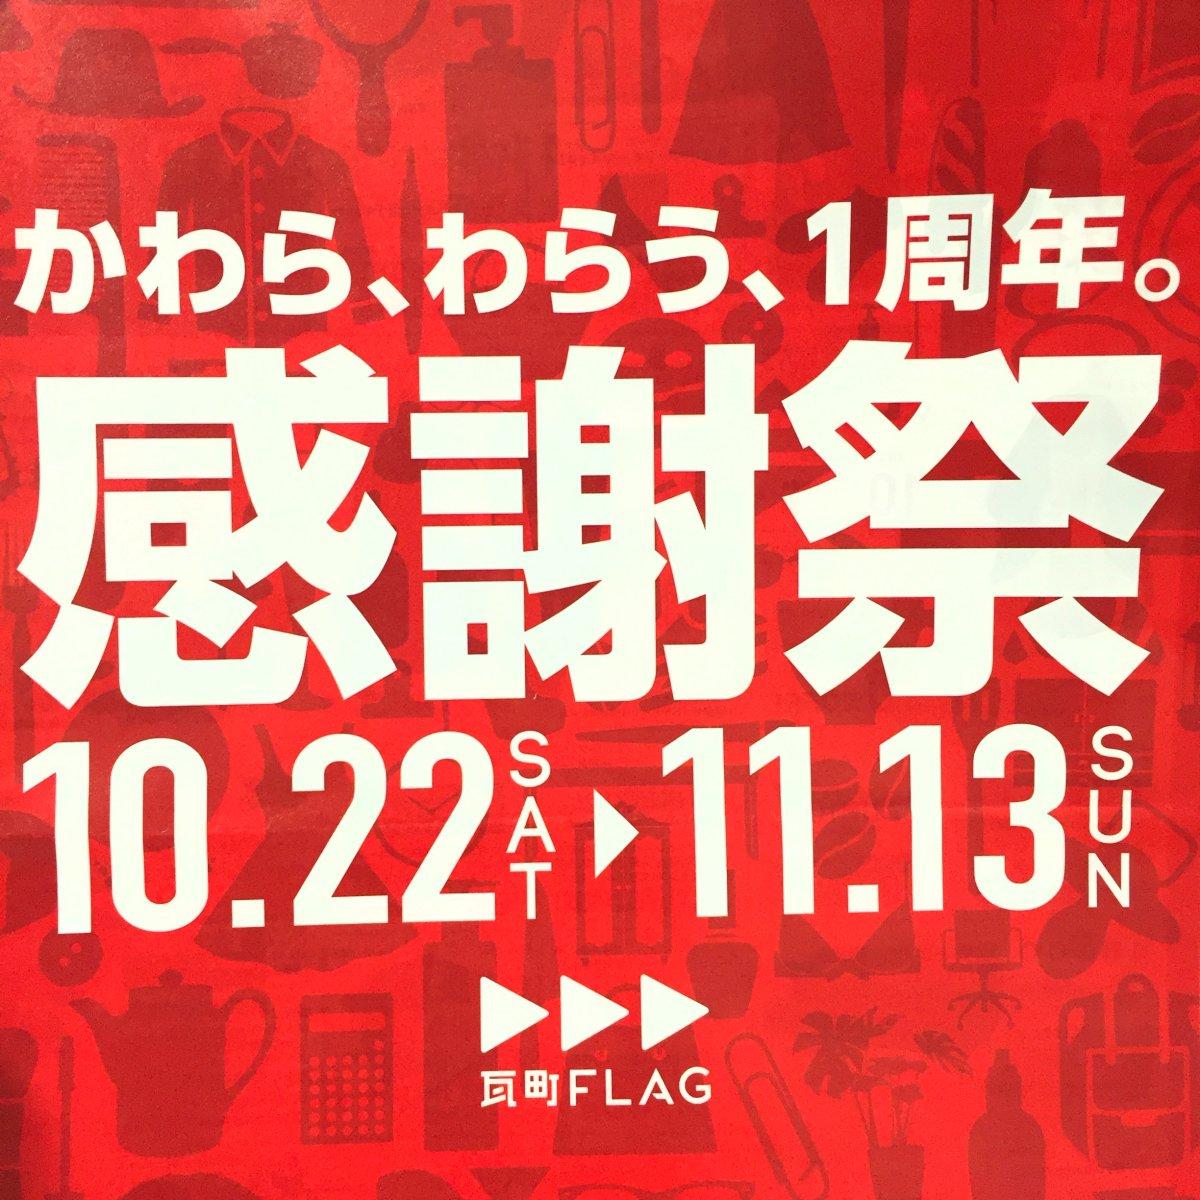 1周年記念セール開催中です!11/13まで当店は全品10%OFFでございます(`・ω・´)(JKめし!、クレーンゲール、